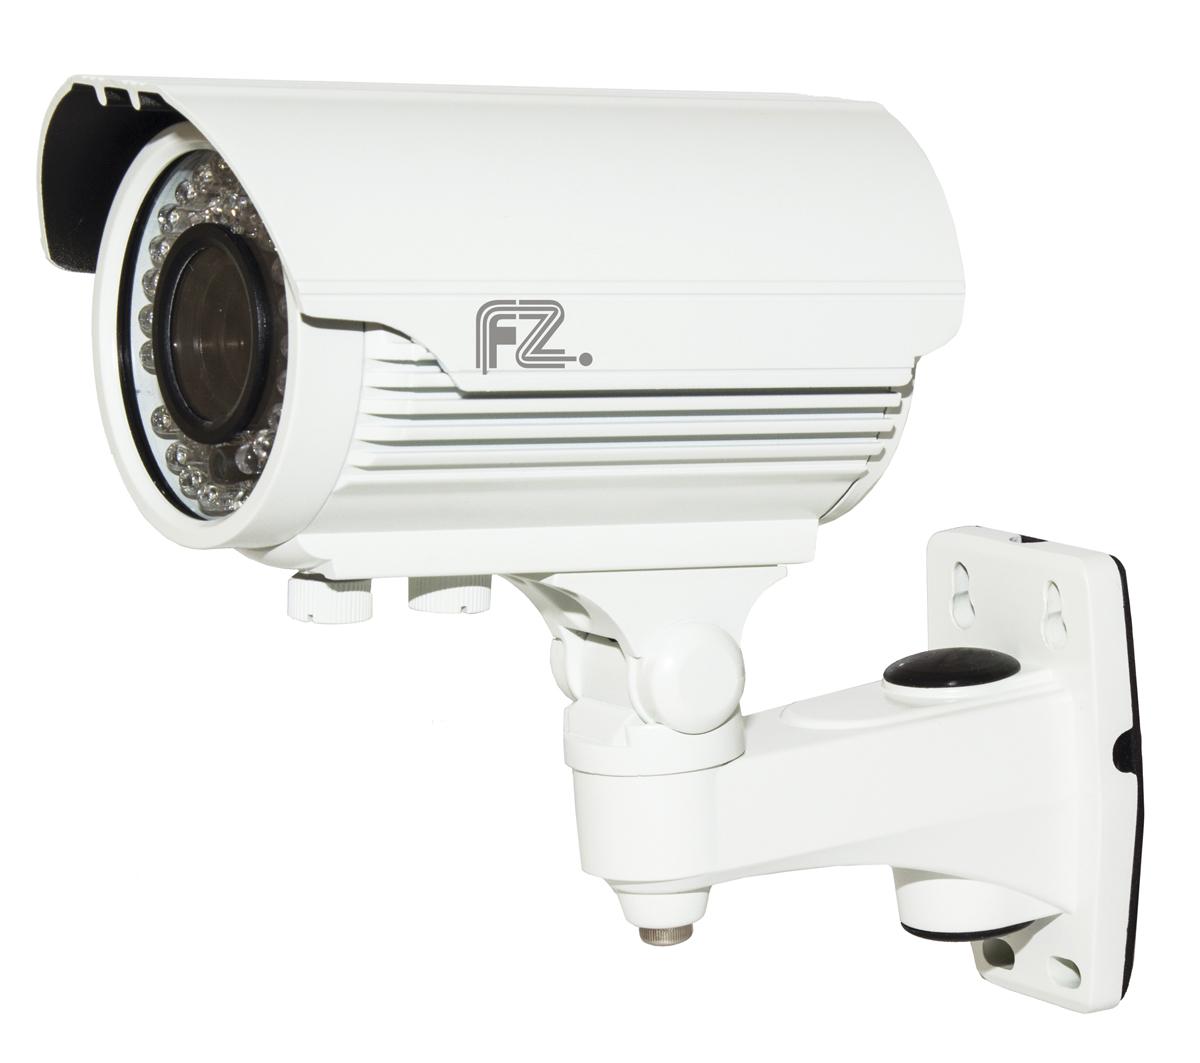 Fazera FZ-VIR42-720(N) камера видеонаблюдения - Камеры видеонаблюдения